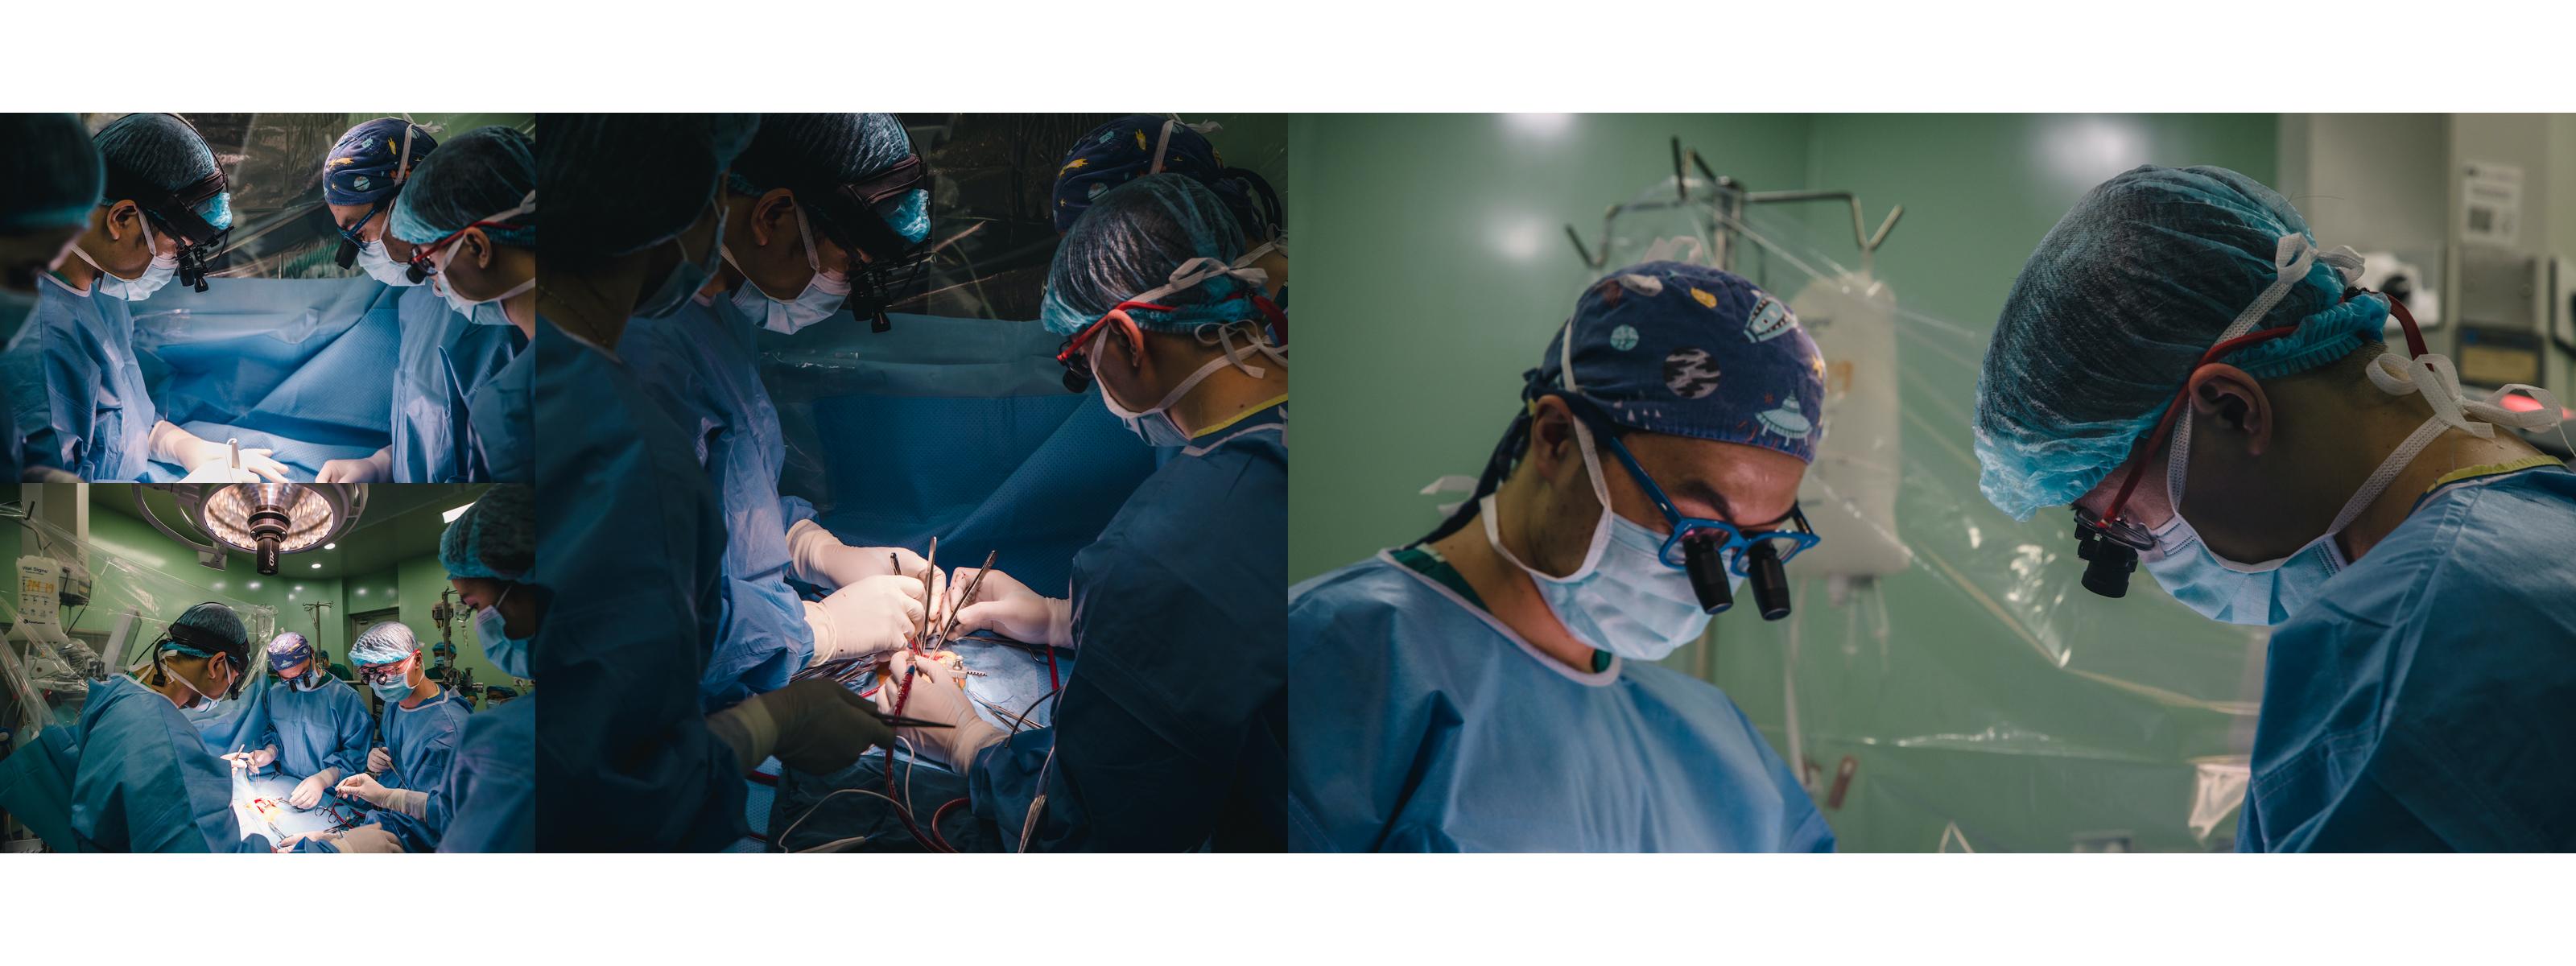 Bắt đầu ra trường từ năm 2002, gần 19 năm gắn bó với nghề và công tác tại Bệnh viện Nhi Trung ương, gần 9 năm mổ chính, bác sĩ Nguyễn Lý Thịnh Trường không thể nhớ nổi đã từng cầm dao thực hiện bao nhiêu ca mổ. Rất nhiều ca mổ mất hàng chục tiếng đồng hồ và ca nào cũng có những thách thức riêng của nó. (Ảnh: Minh Sơn/Vietnam+)